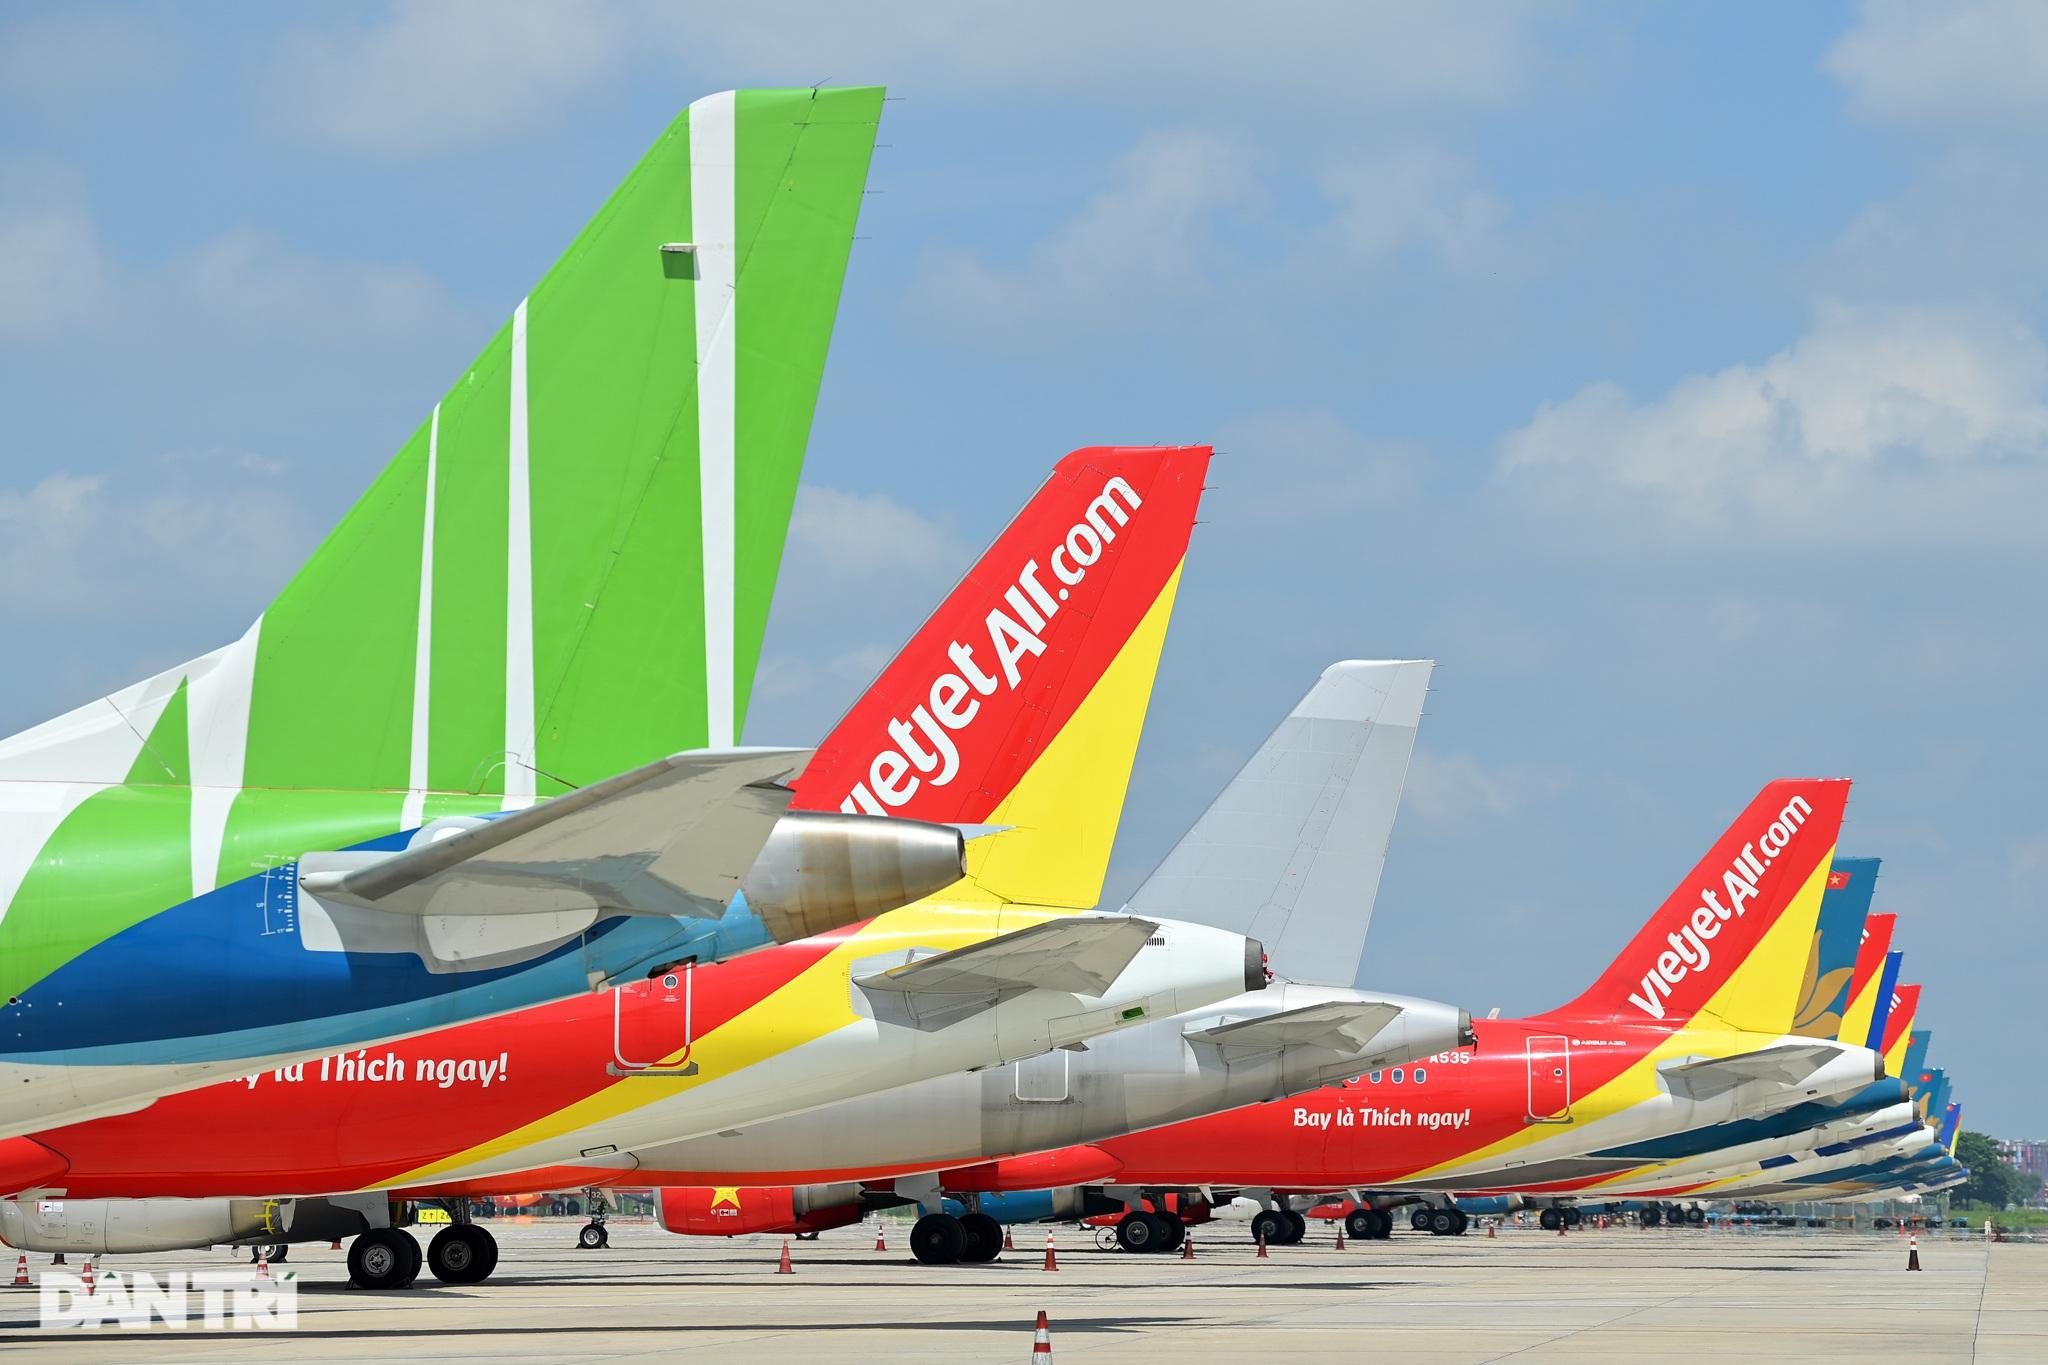 Ám ảnh hàng trăm tàu bay đắp chiếu nằm la liệt tại Nội Bài, Tân Sơn Nhất - 20